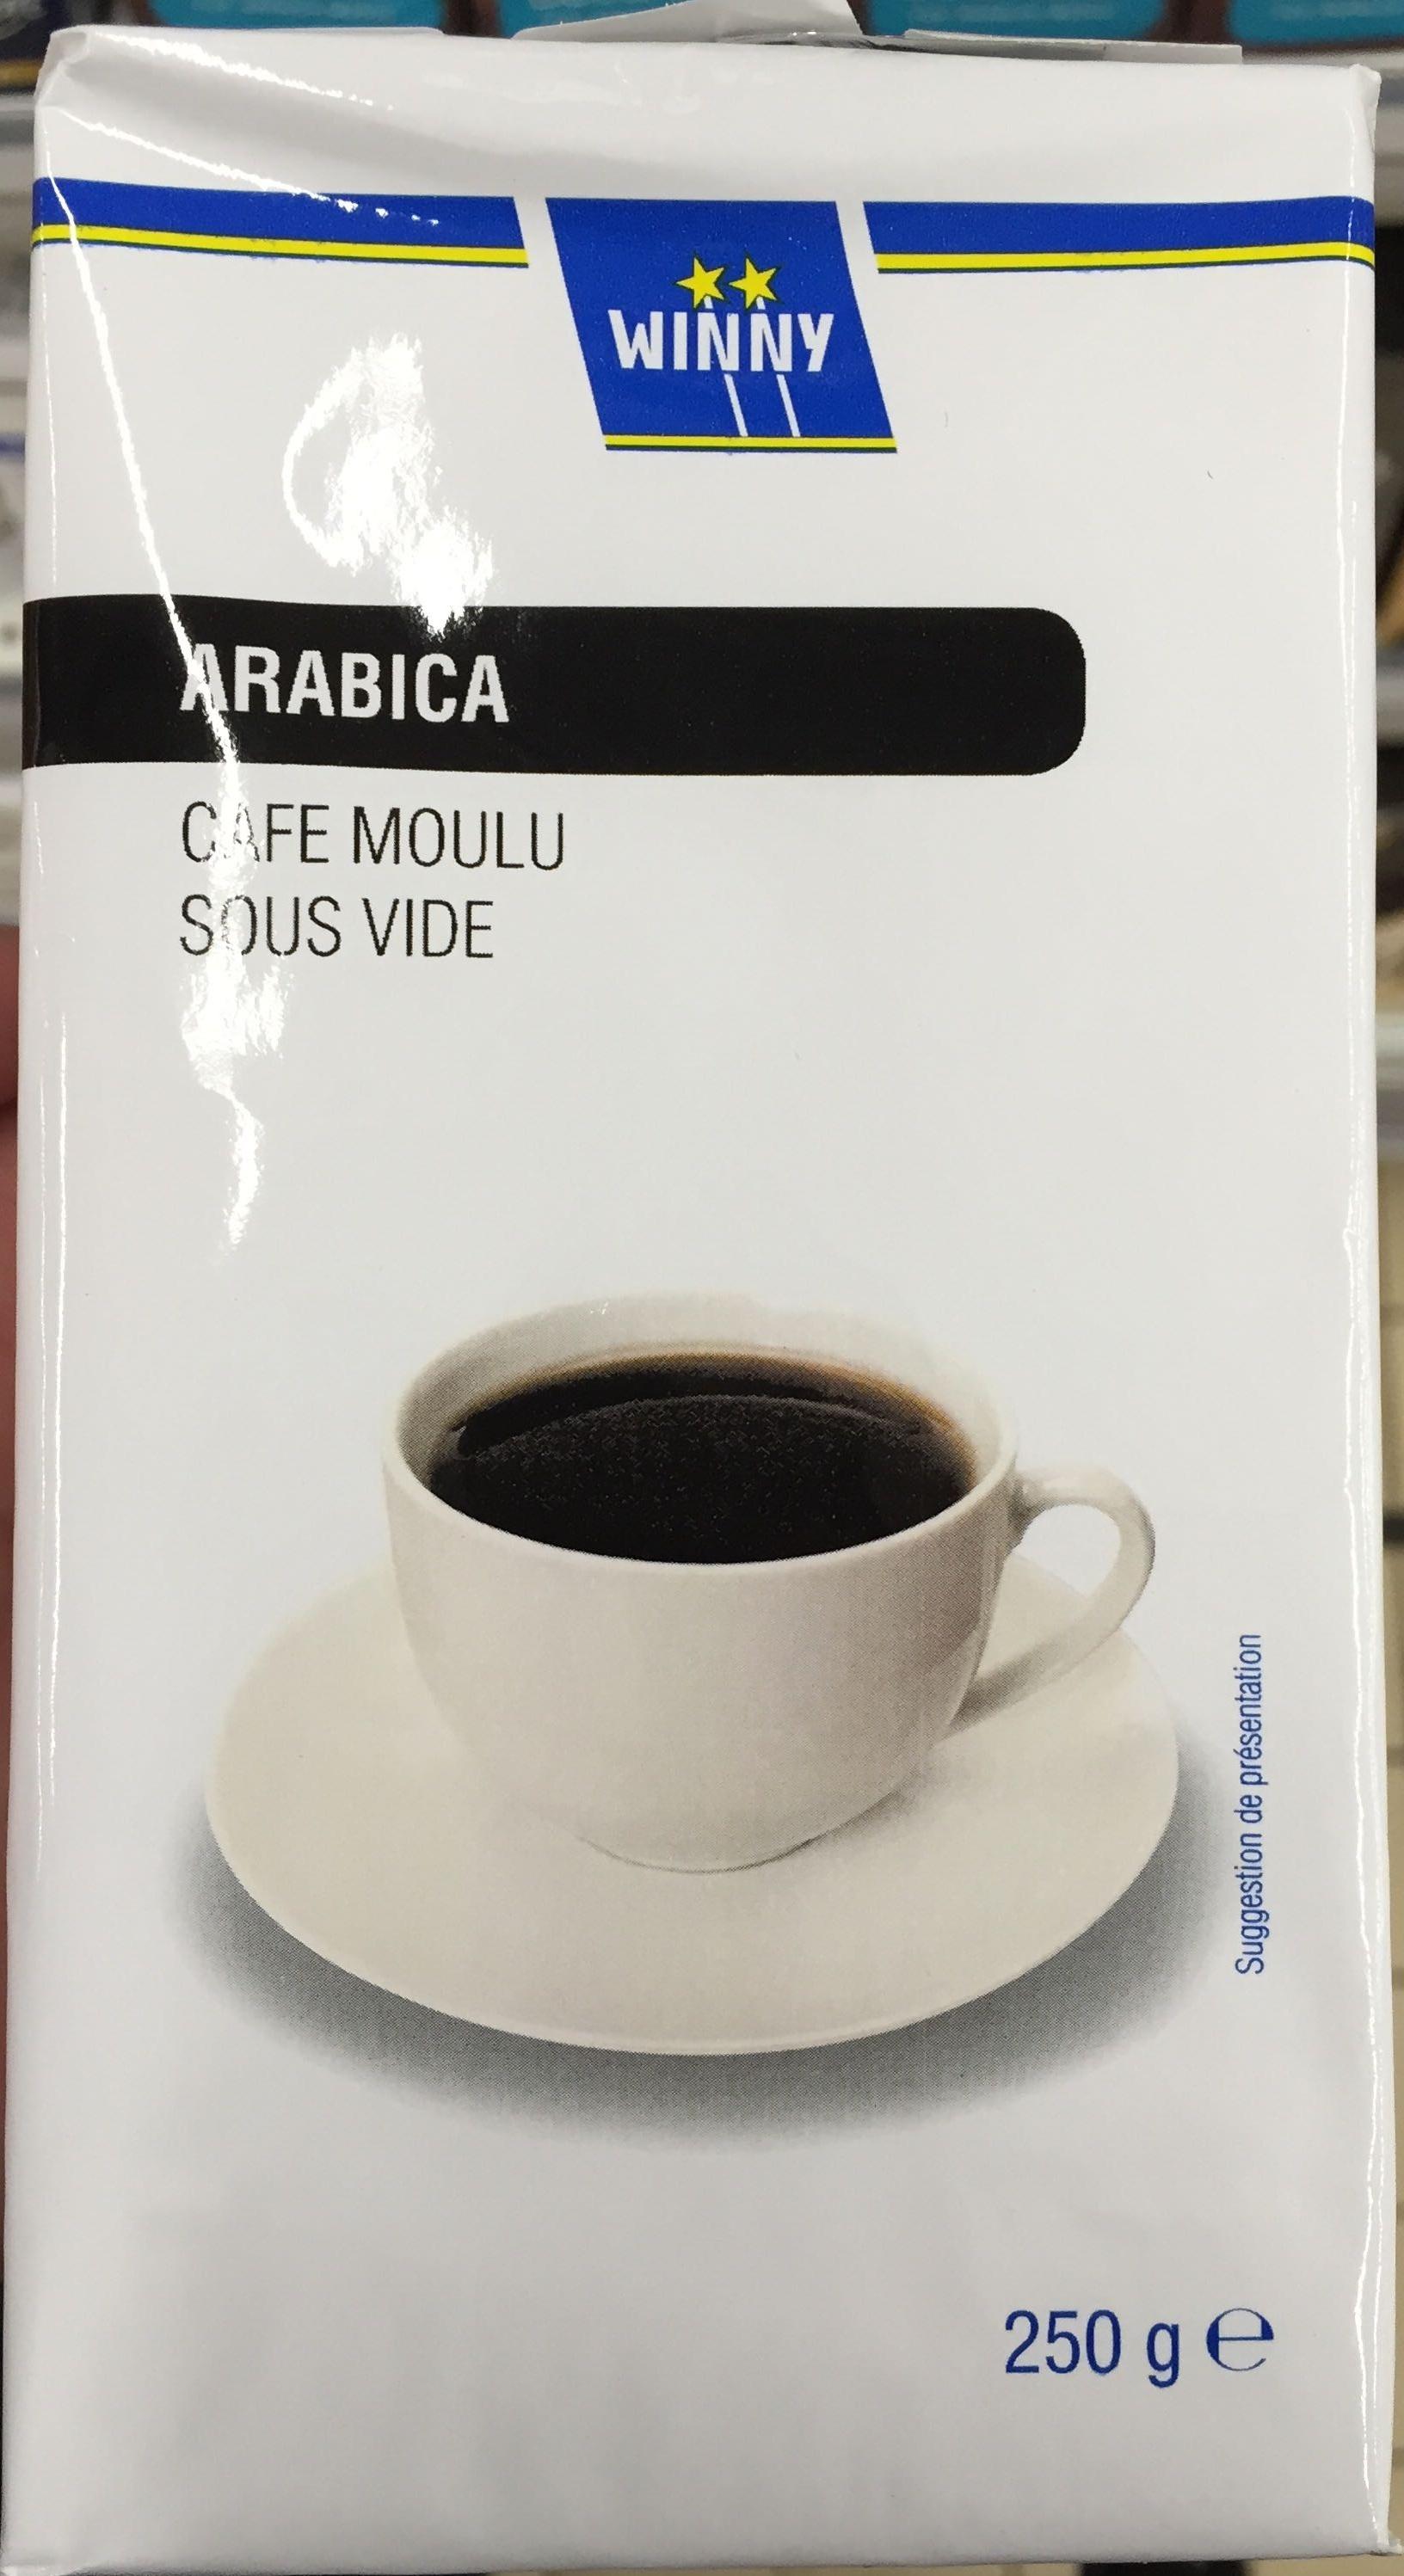 Arabica - Product - fr